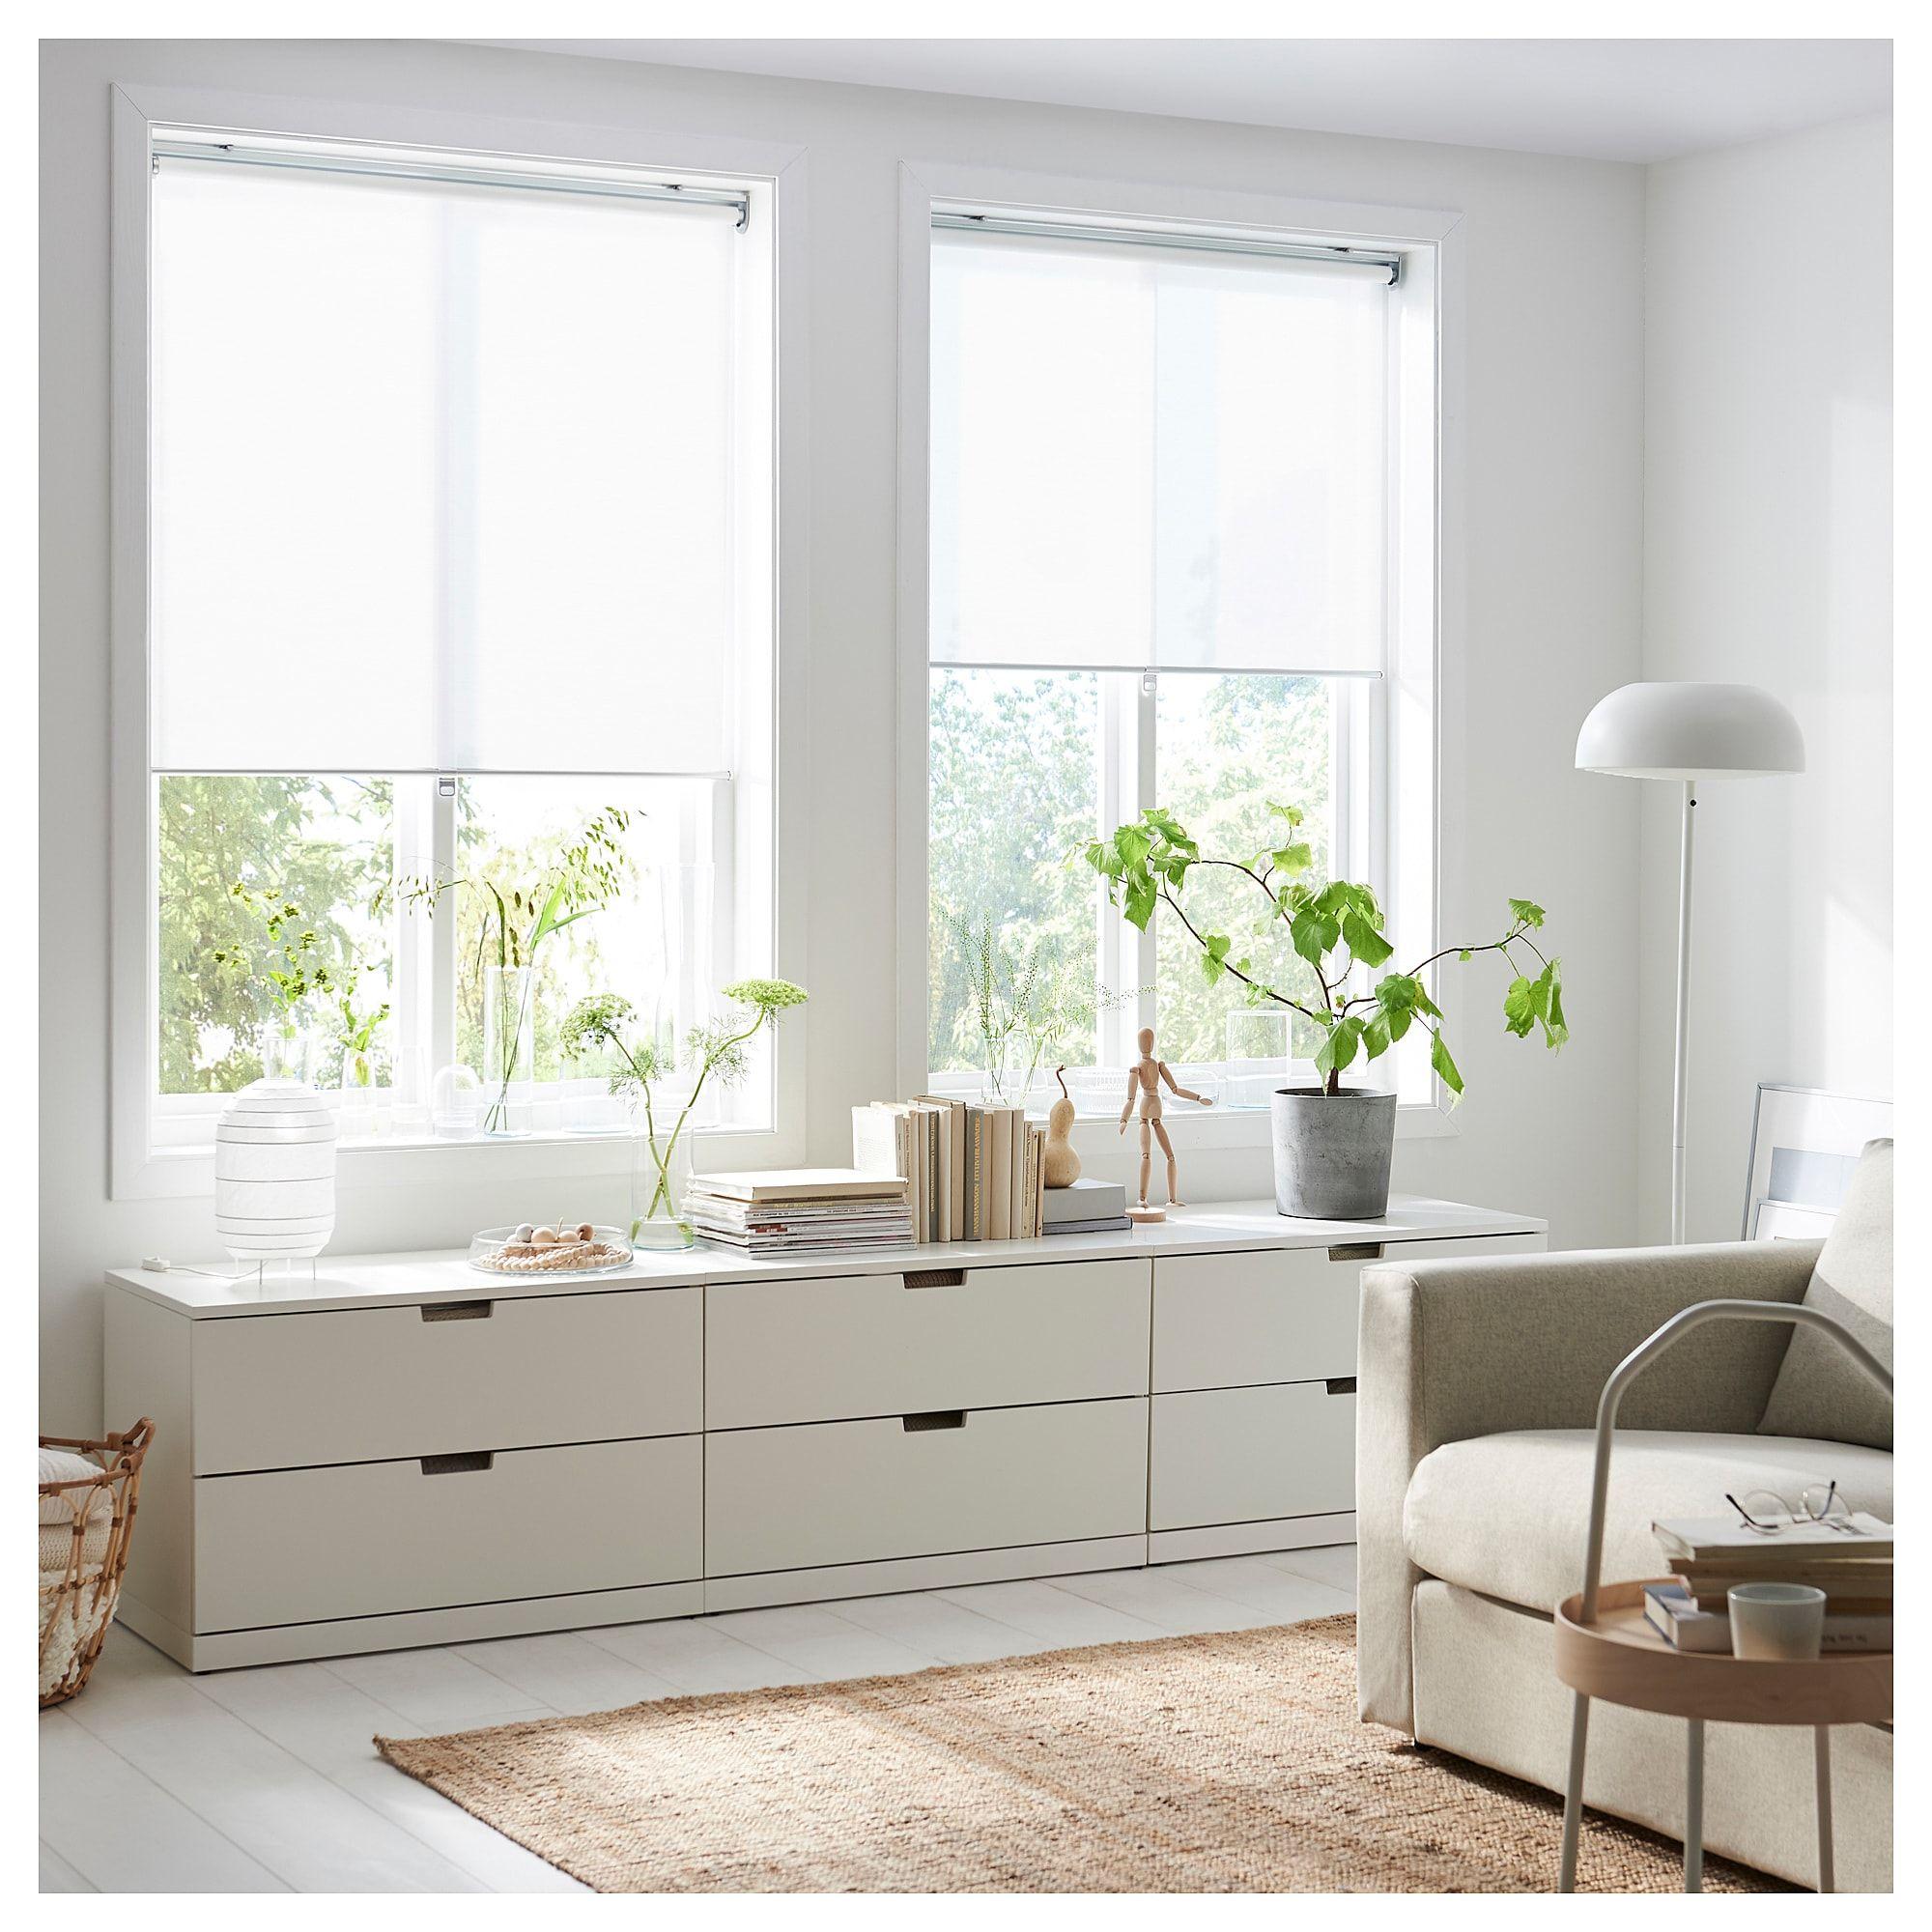 Full Size of Ikea Raffrollo Skogsklver Rollo Wei Faltrollo Miniküche Küche Kosten Betten Bei Sofa Mit Schlaffunktion Modulküche Kaufen 160x200 Wohnzimmer Ikea Raffrollo